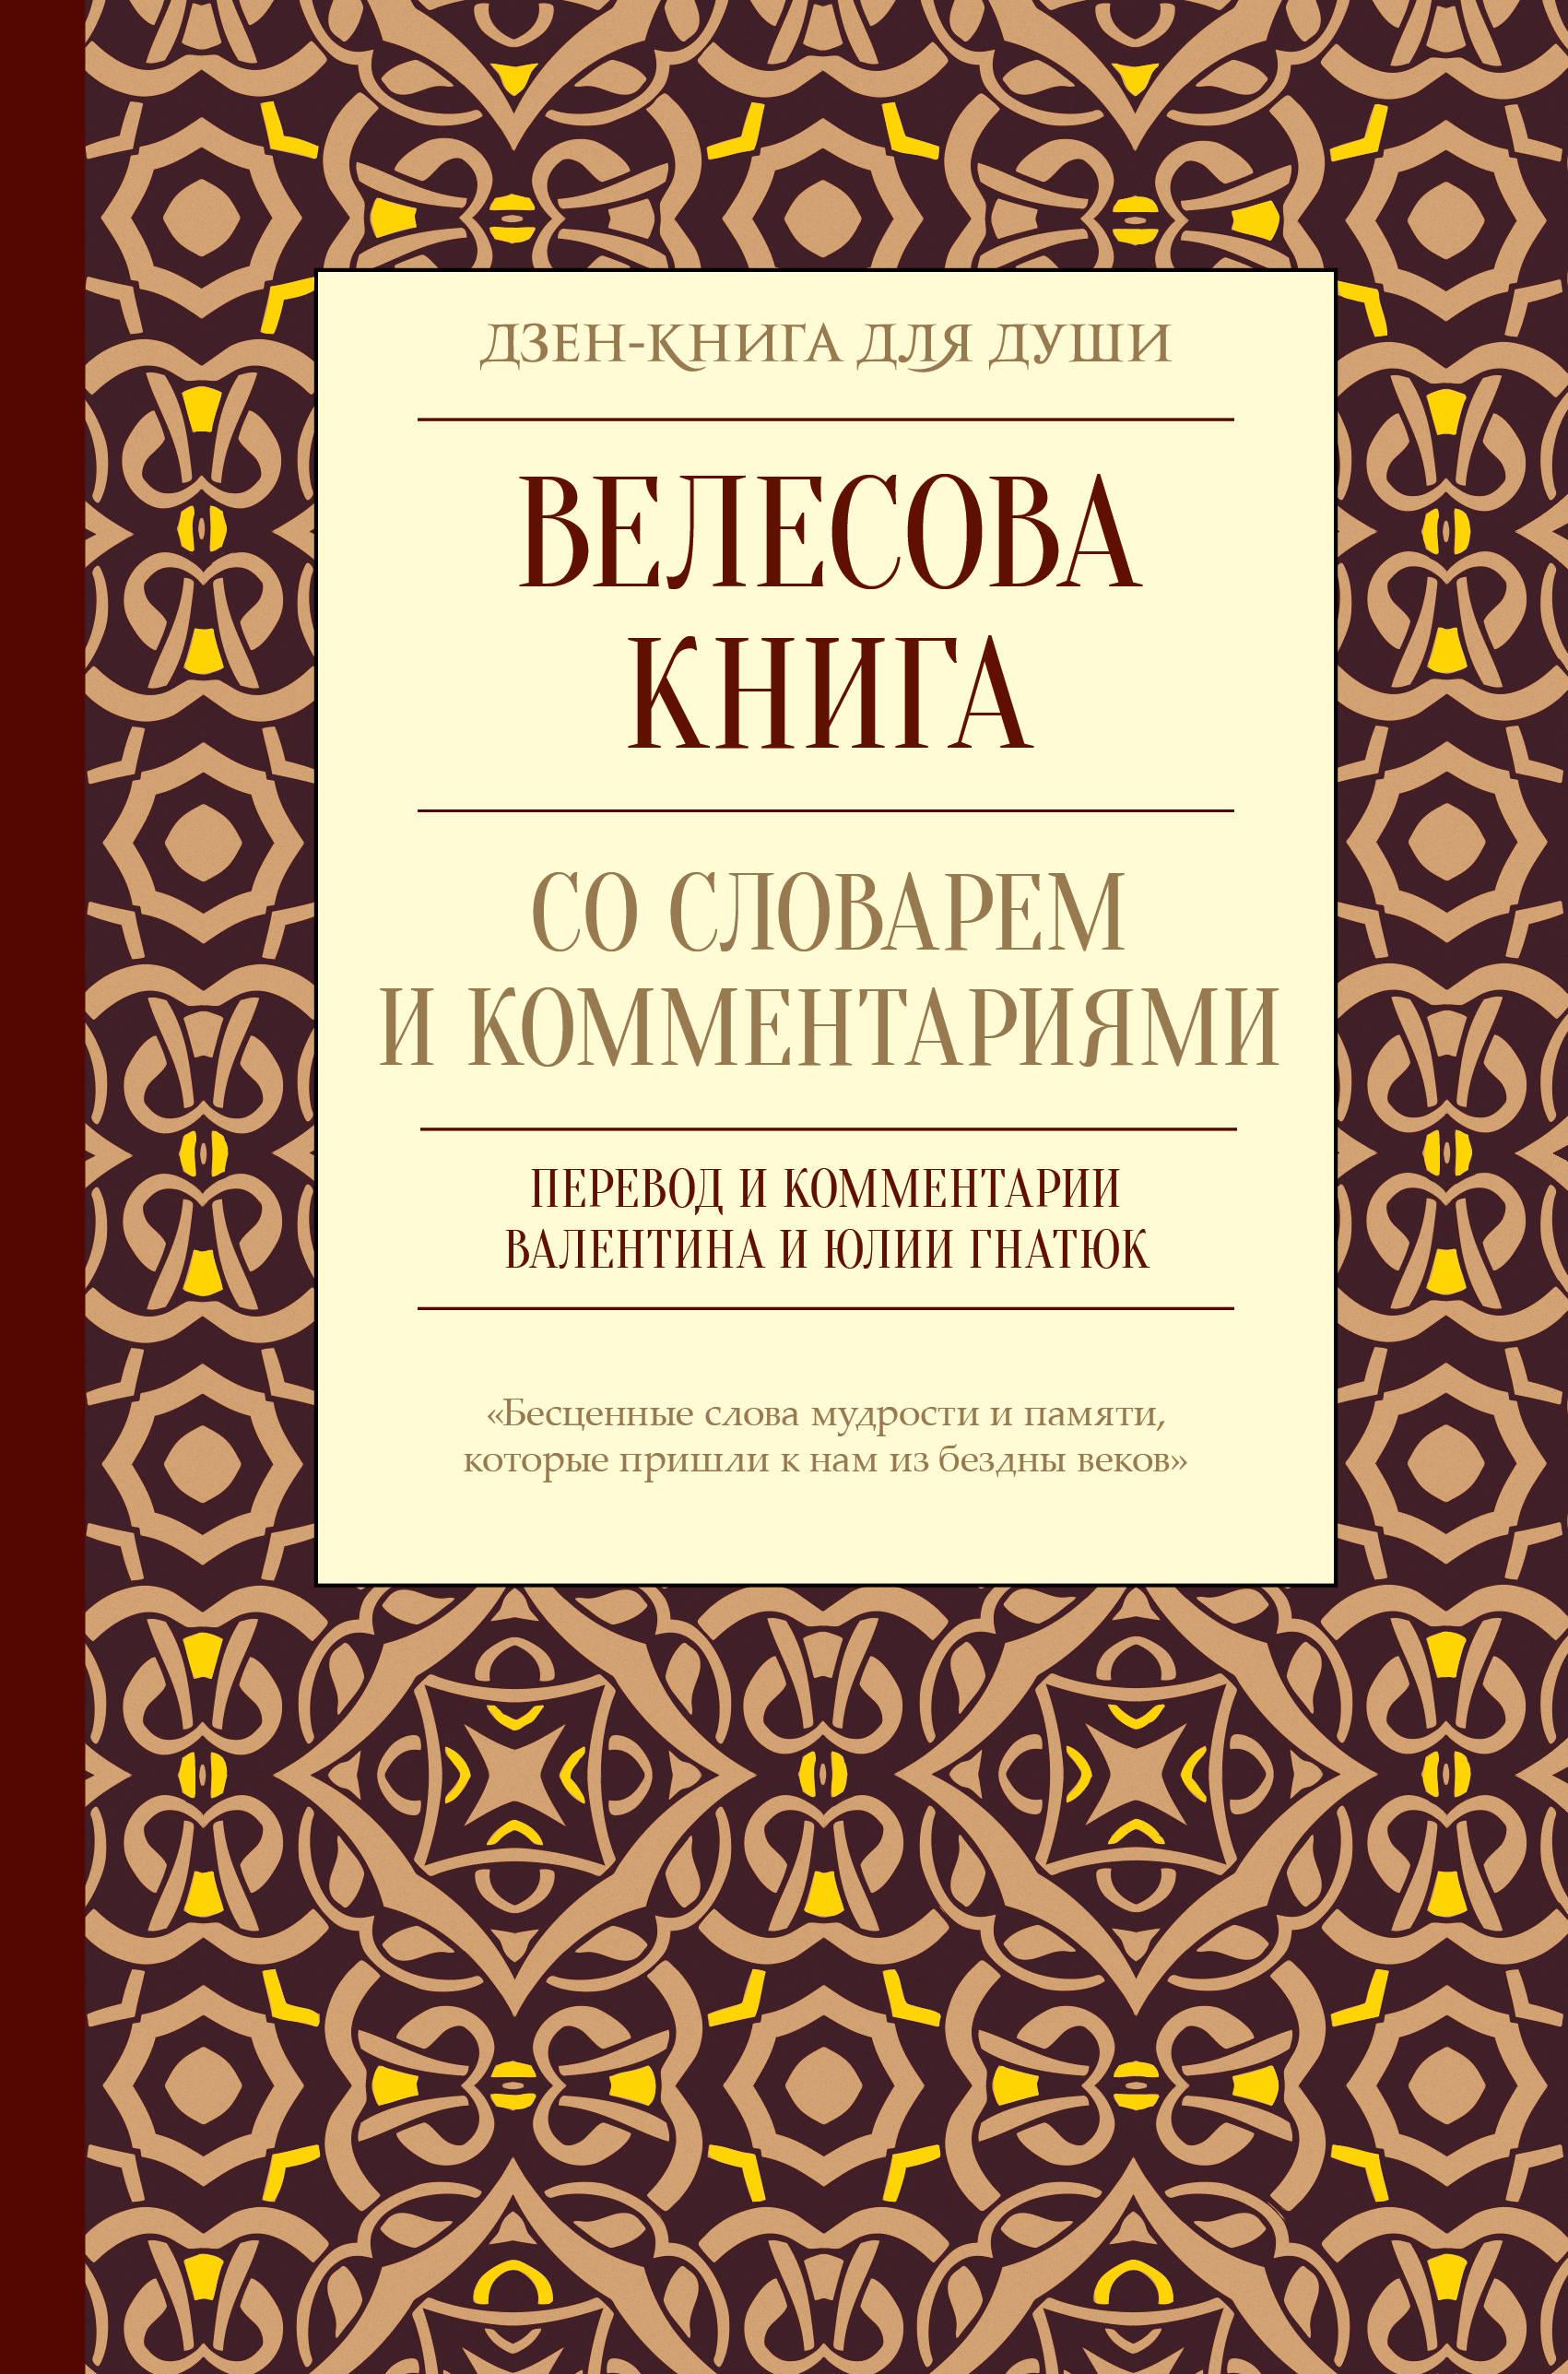 Velesova kniga so slovarem i kommentarijami